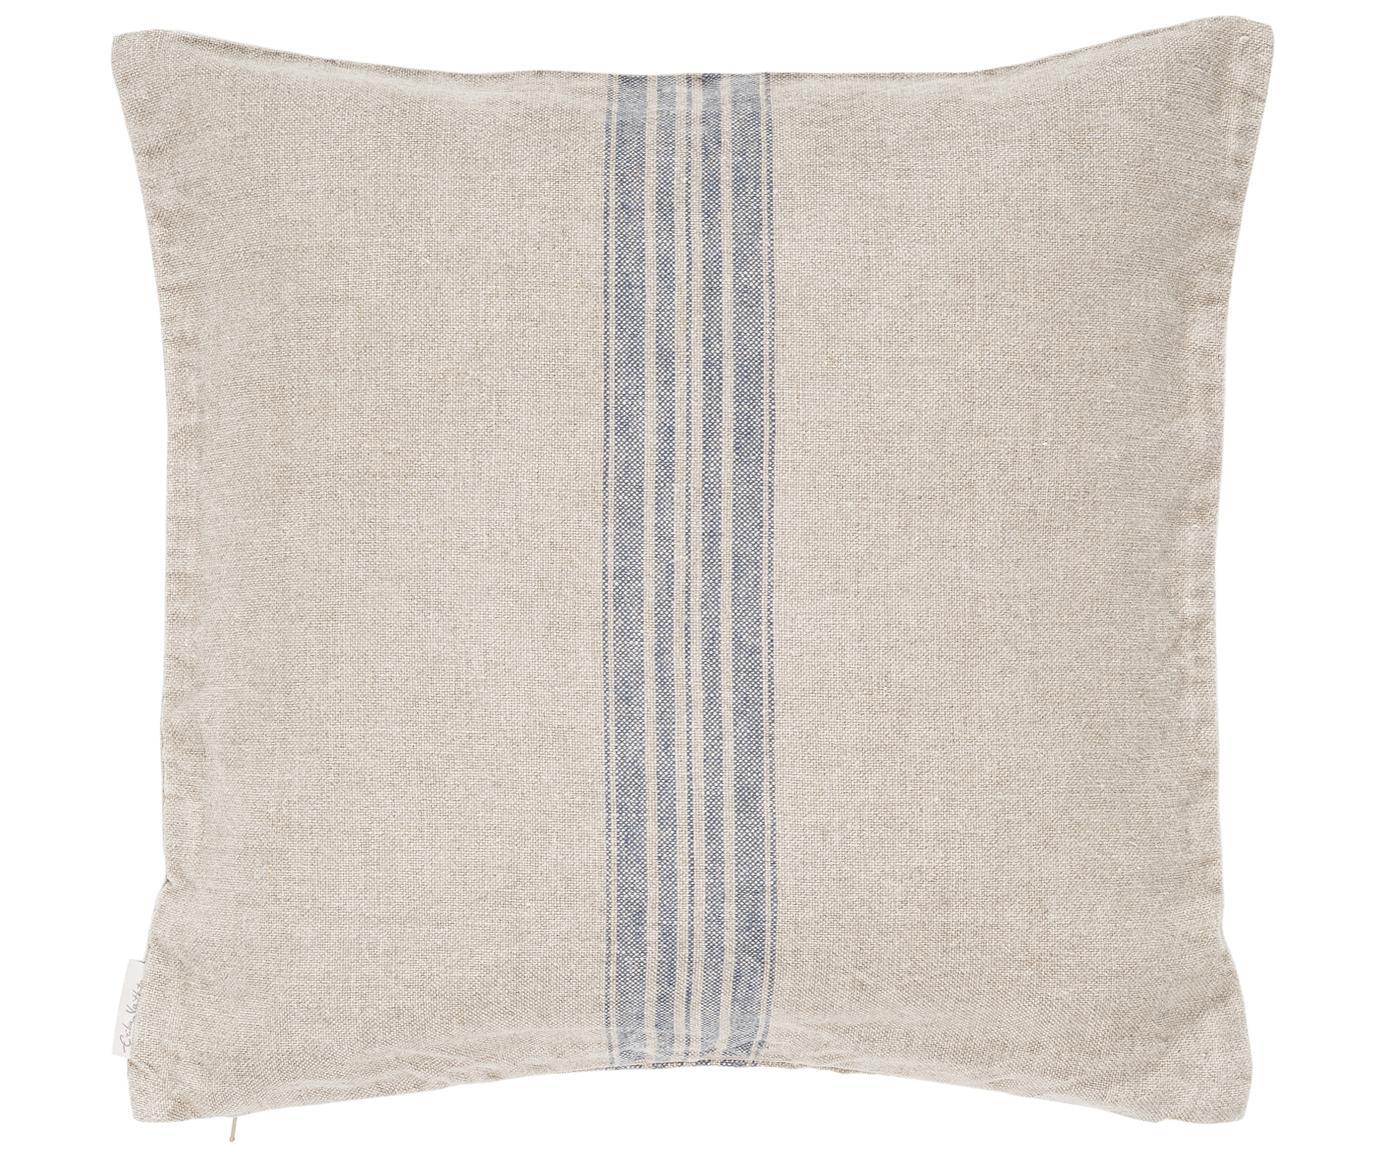 Beige Leinen-Kissenhülle Jara mit blauen Streifen, Beige, Blau, 40 x 40 cm